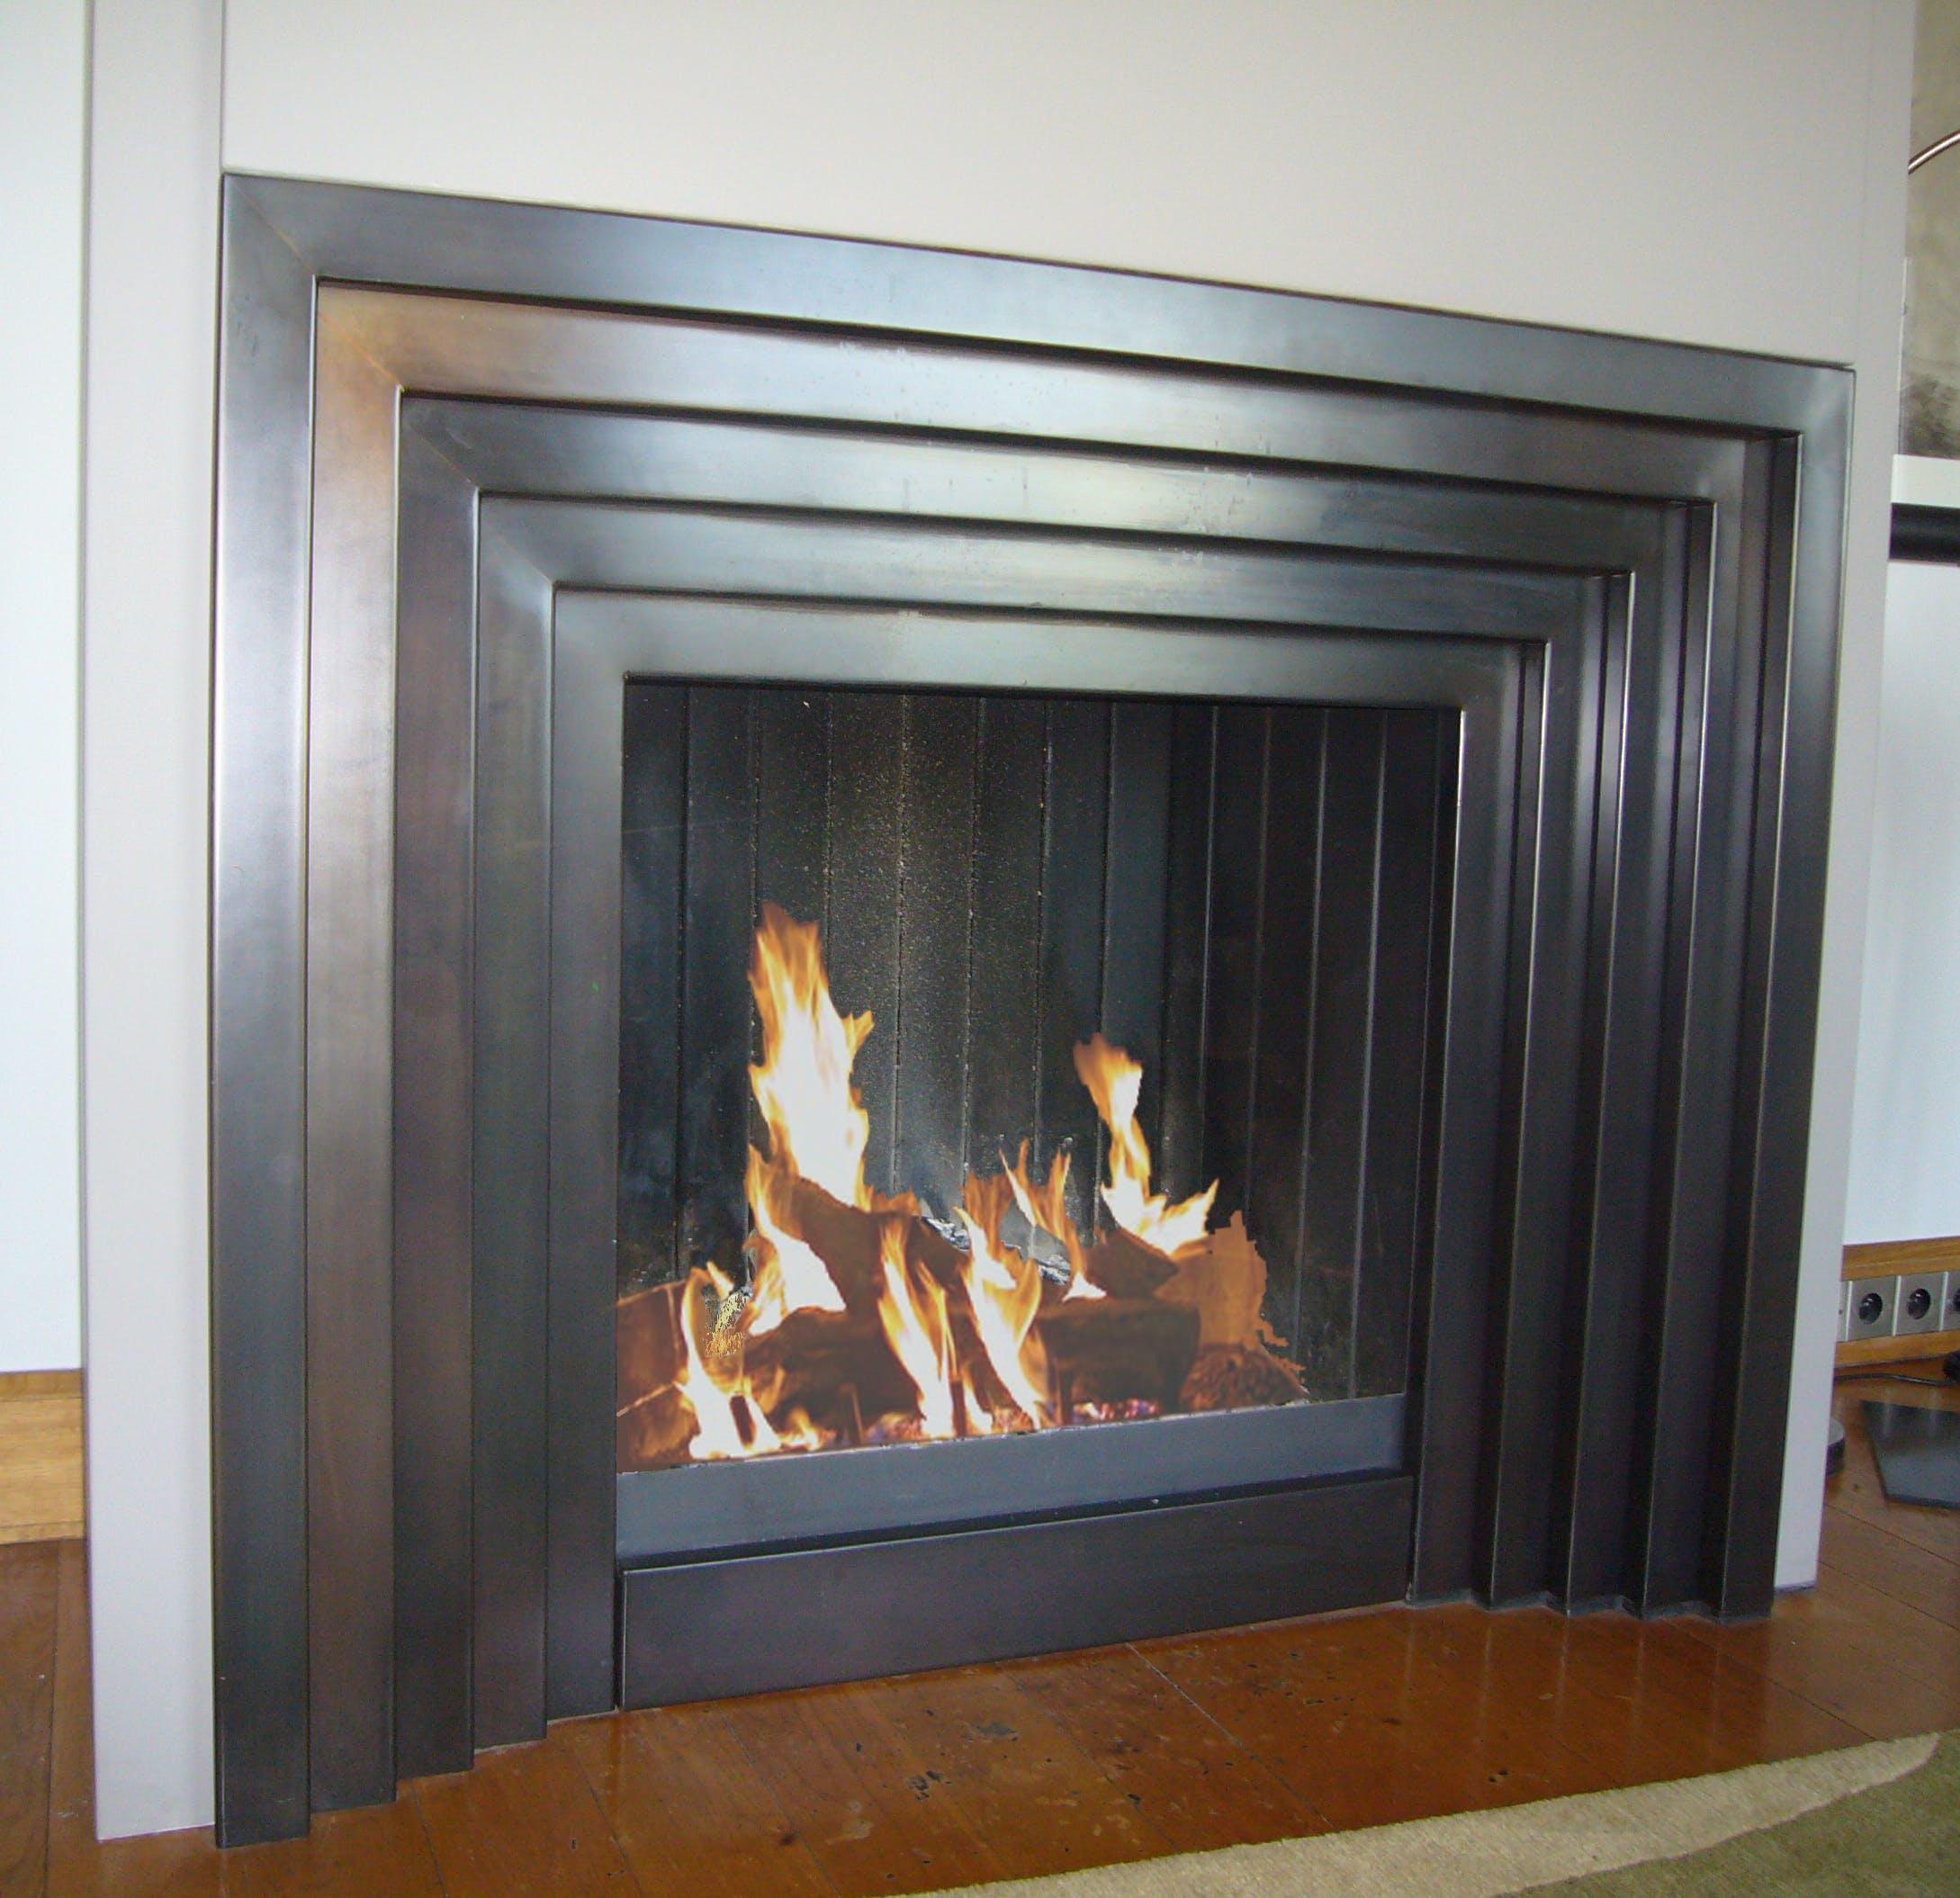 Art Deco fireplace / cheminée Art Déco | BLOCH DESIGN | Archinect